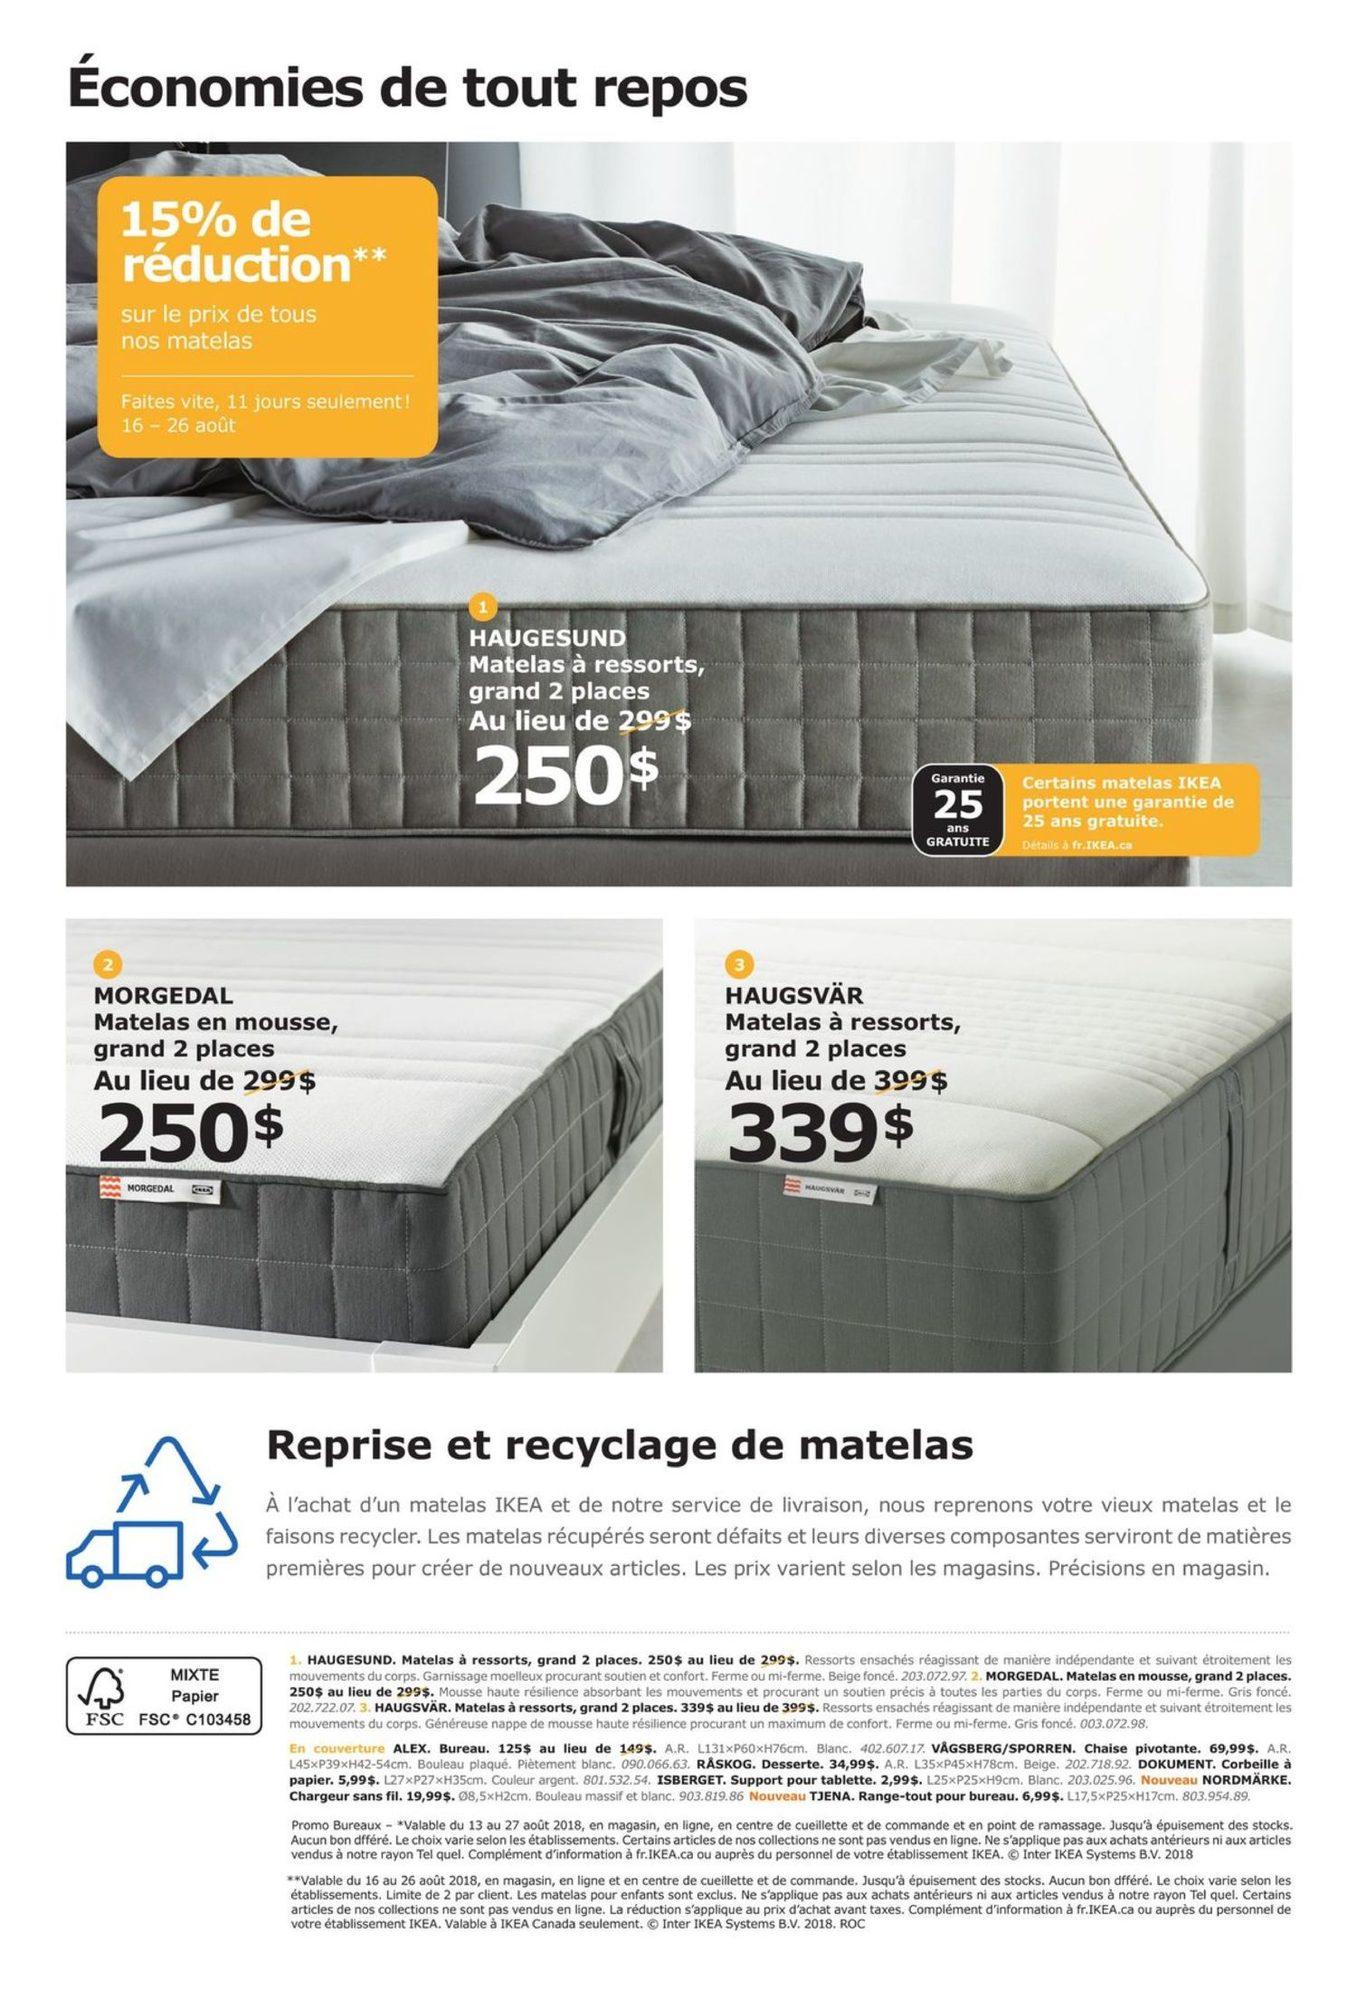 Promo La Rentrée Ikea 13 Août 2018 Pj Shopwise